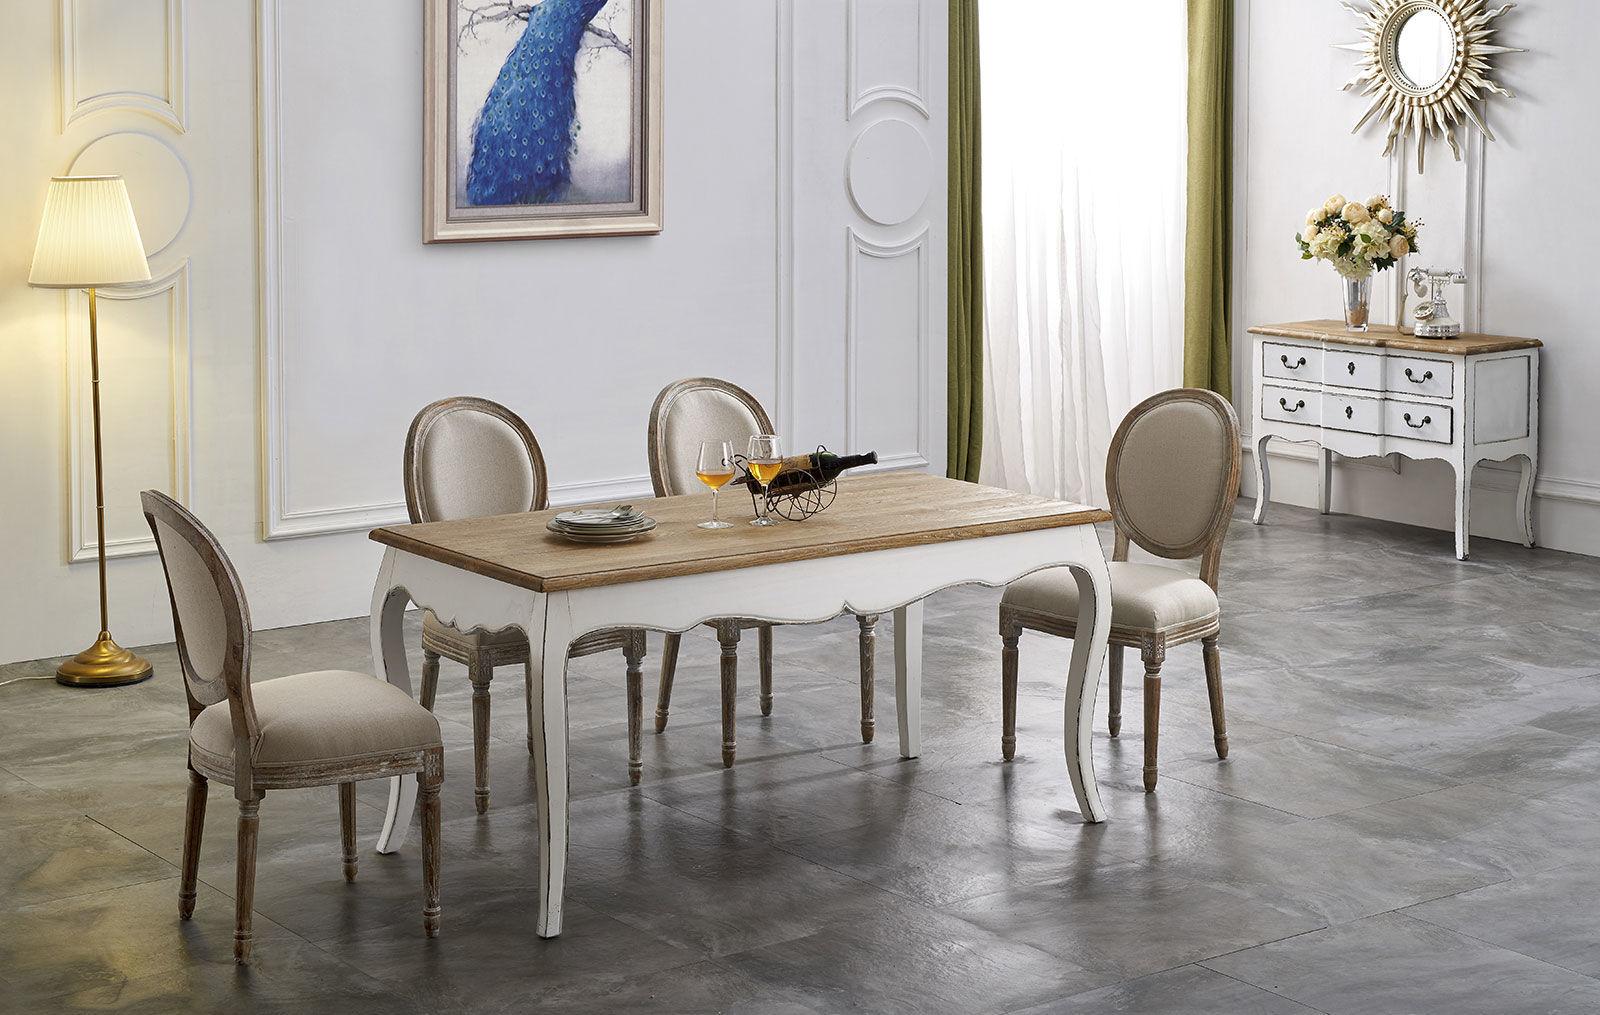 Стол ESF FL-1004C белый, Стулья ESF FL0007 и Буфет ESF FL-3001 white F2 (белый)